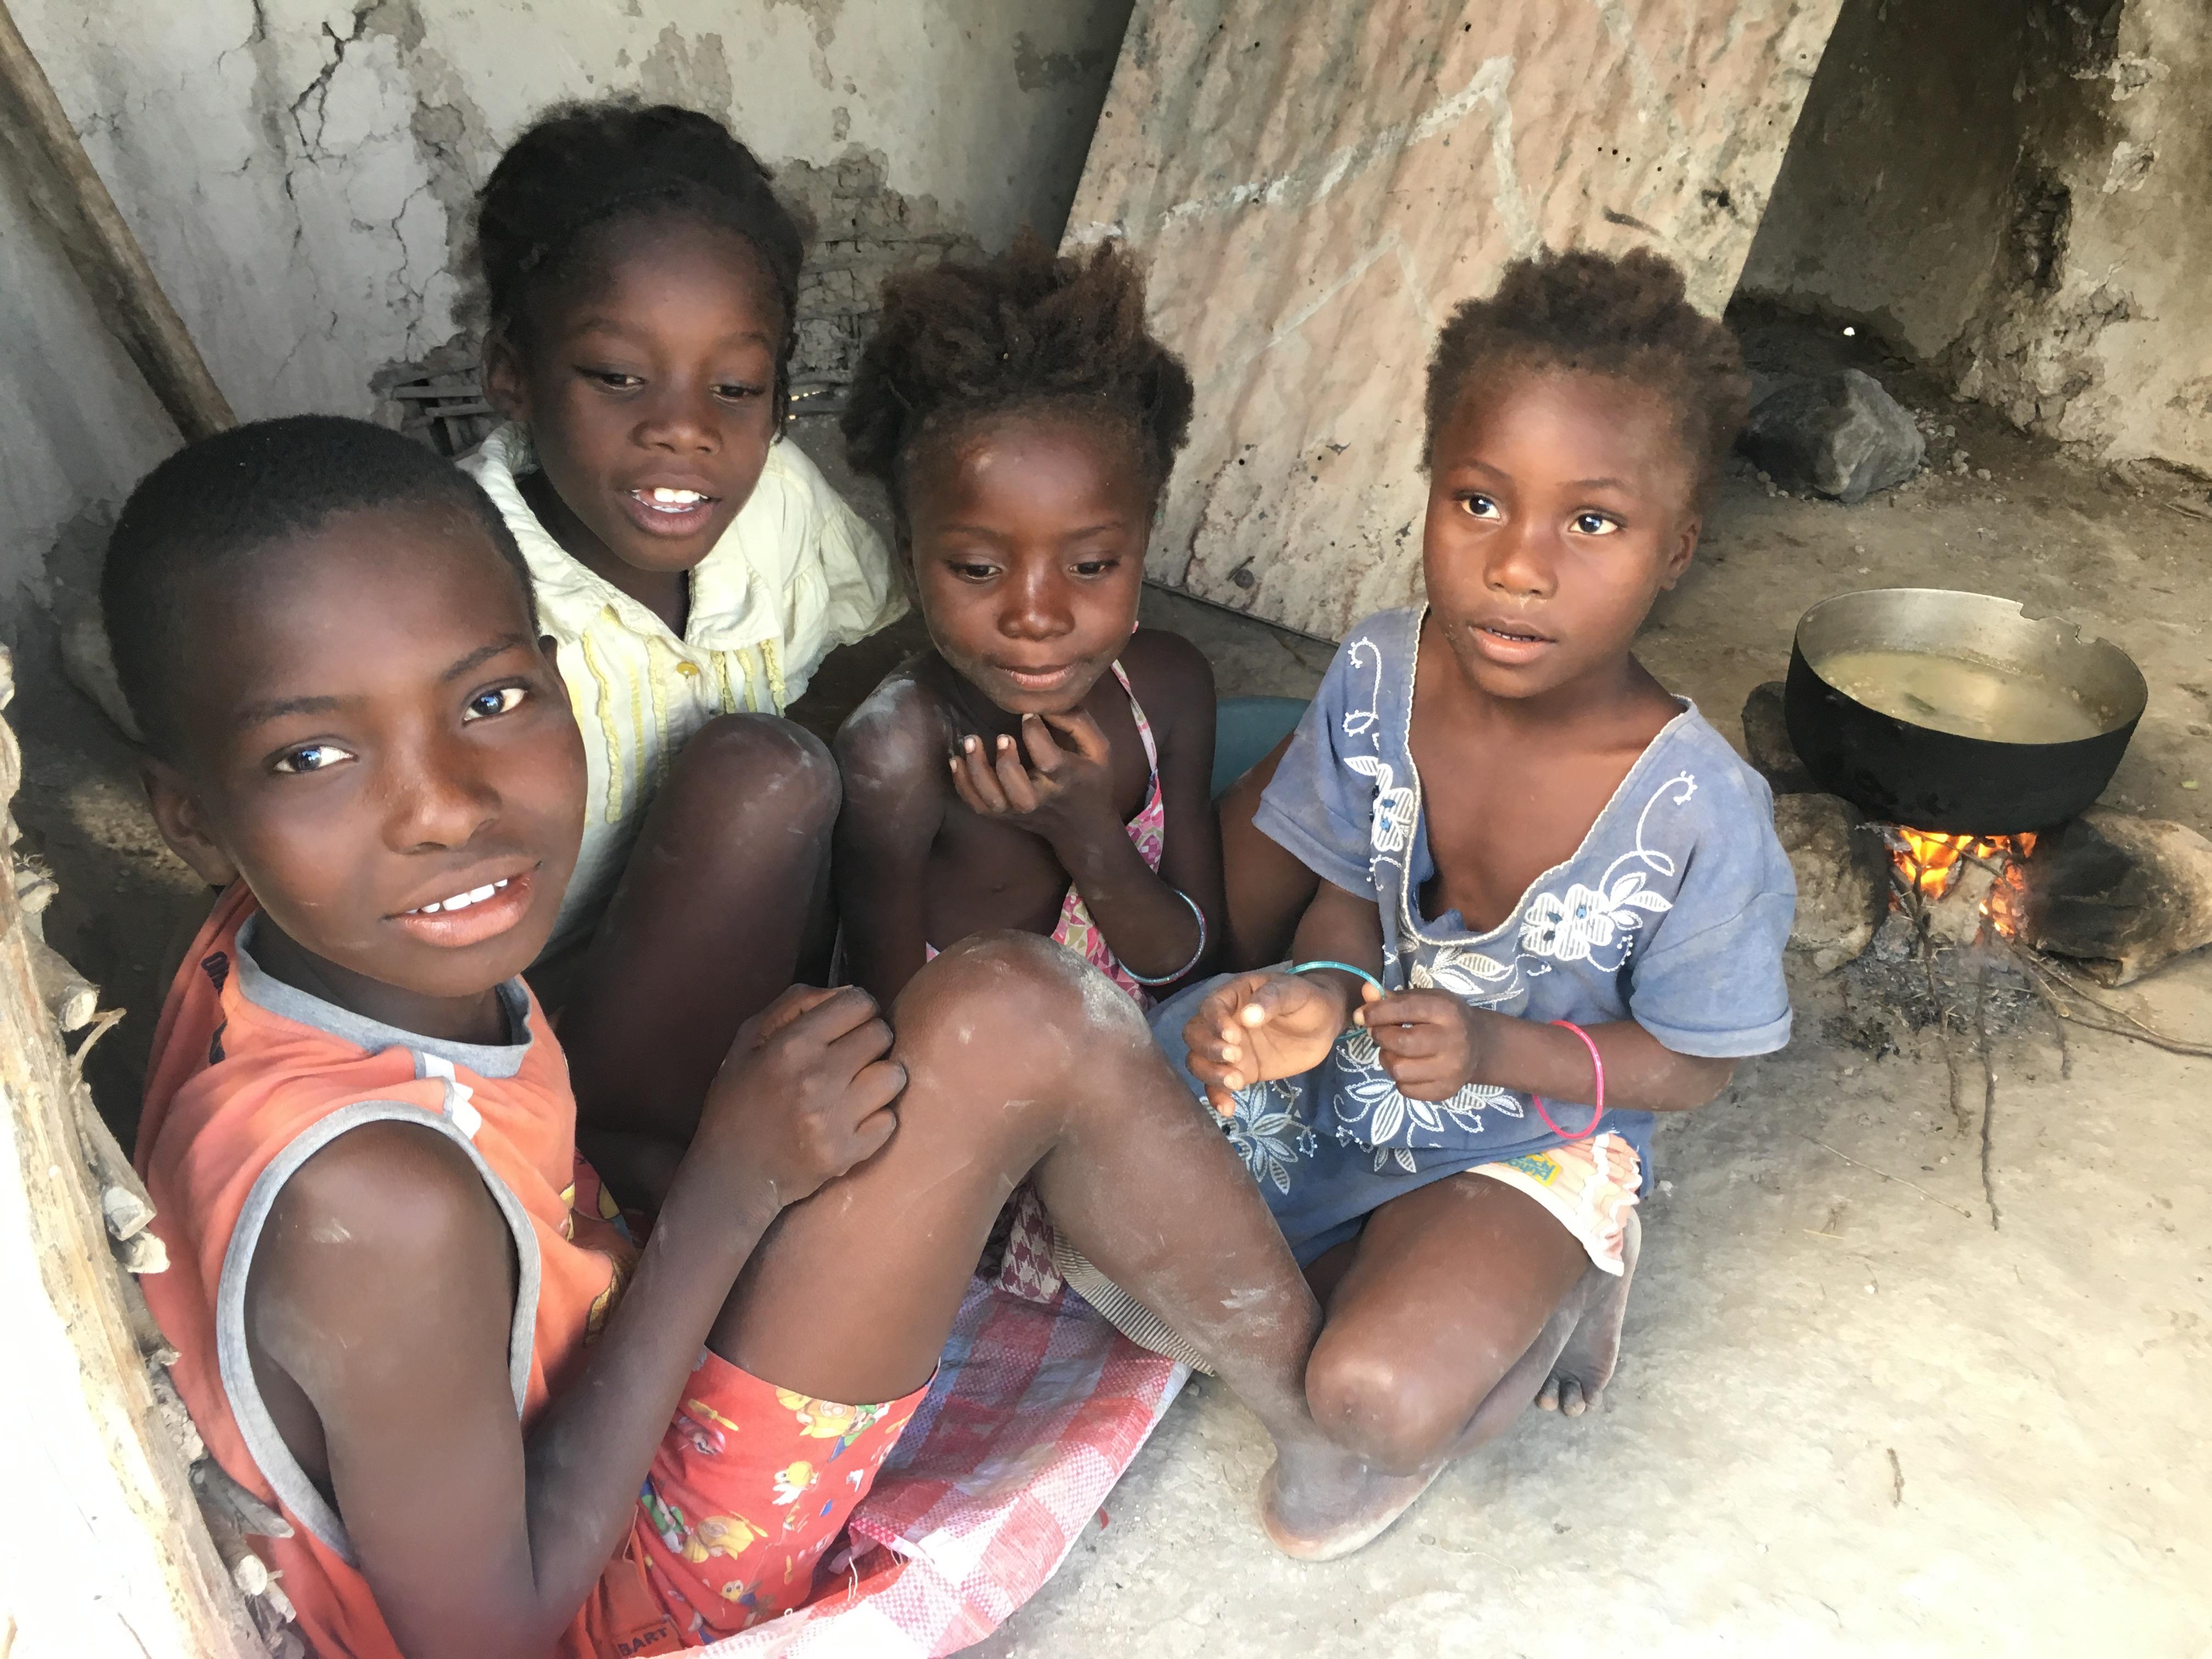 Escort girls Haiti